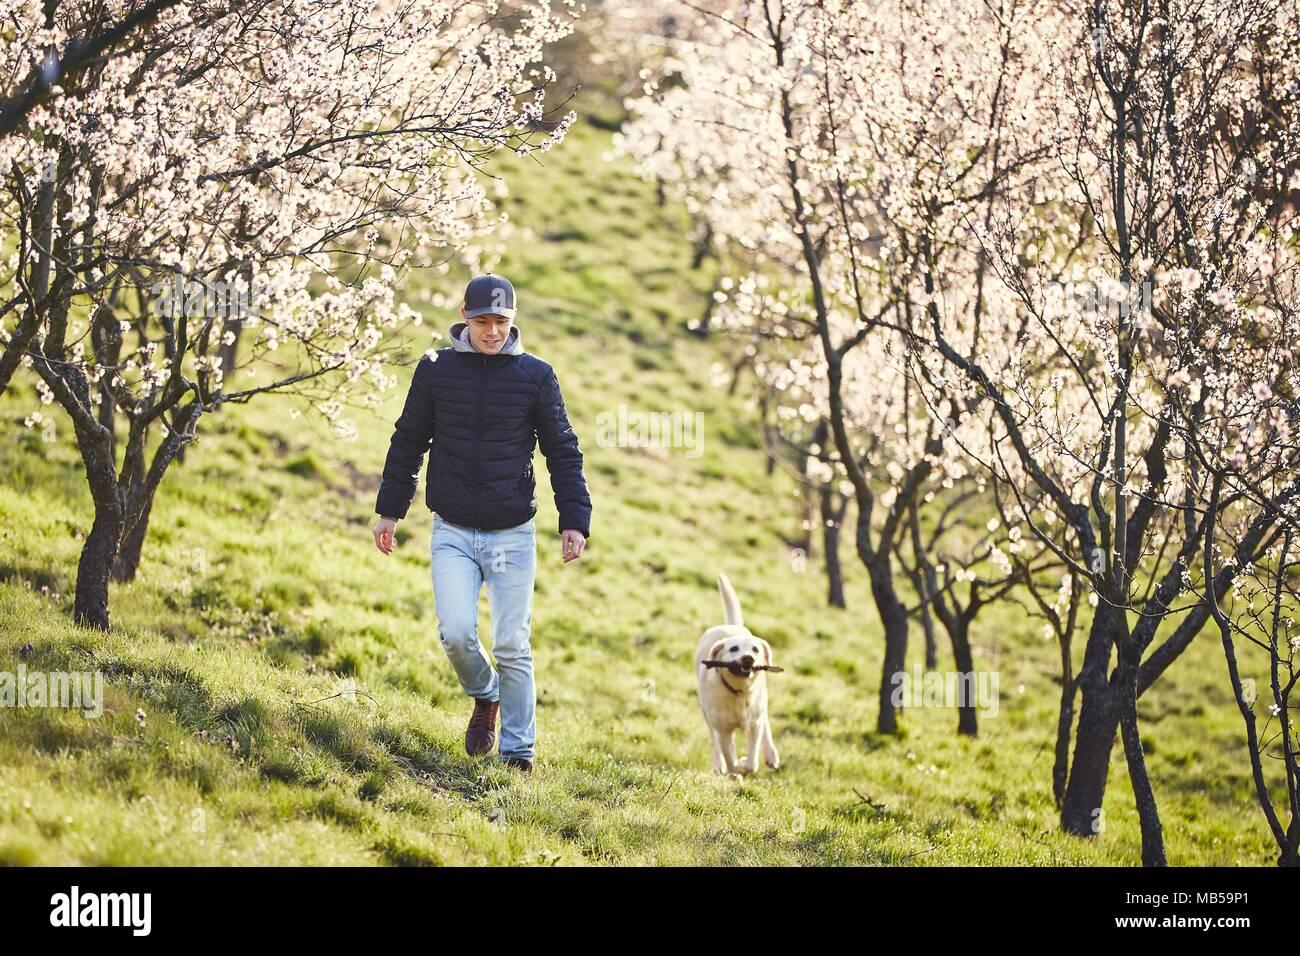 Mañana en la primavera de la naturaleza. El hombre con su perro (labrador retriever) caminar entre árboles florecientes. Imagen De Stock